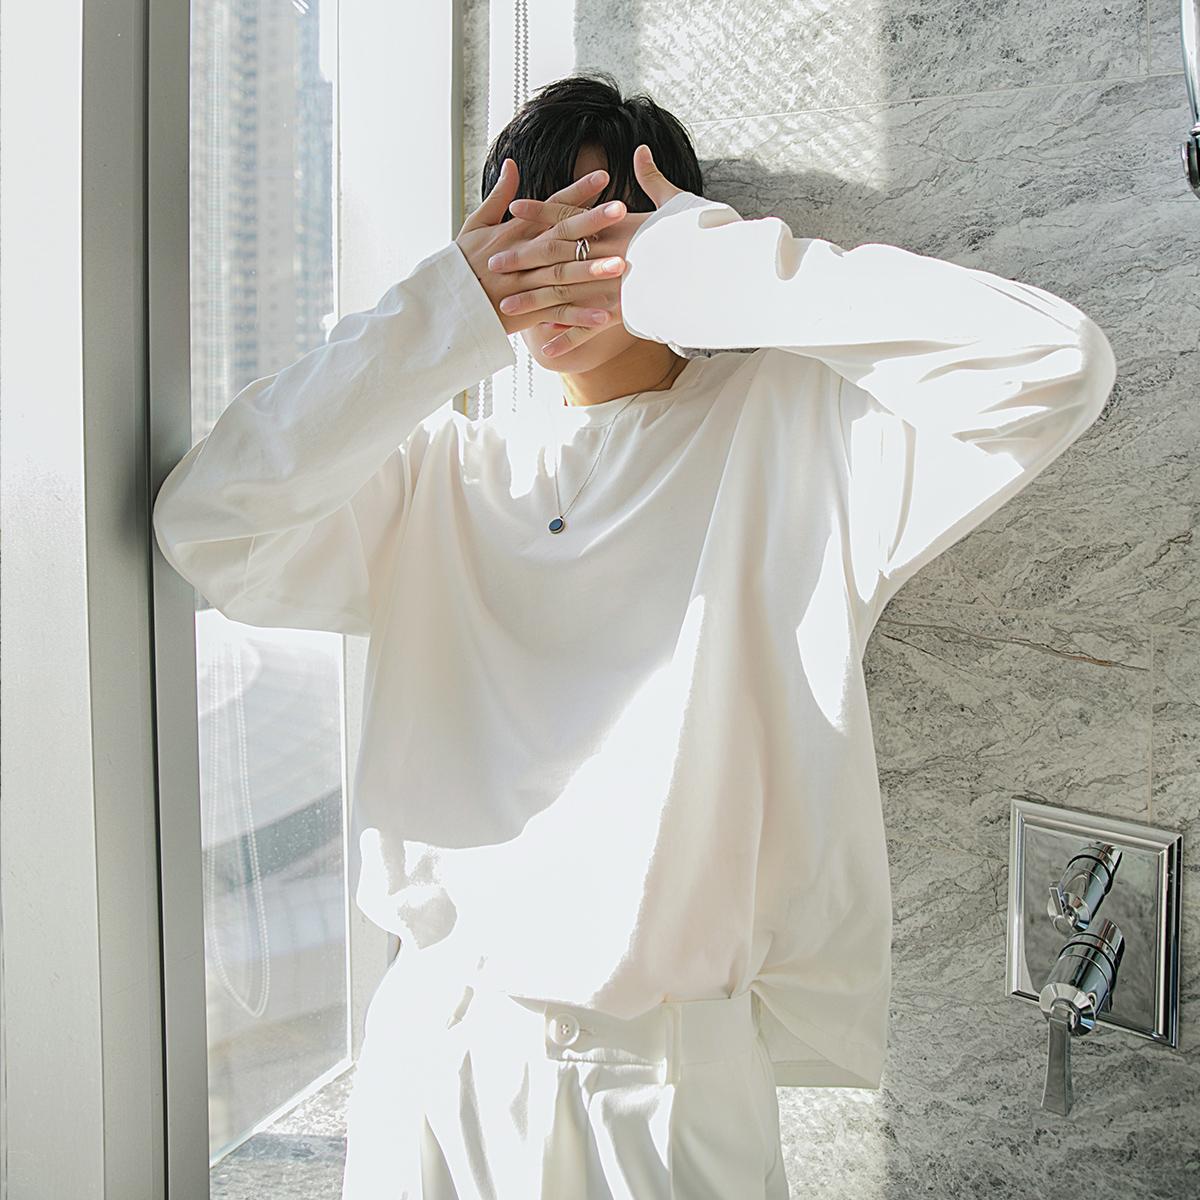 西西里男装春装新款男士宽松休闲内搭长袖男韩版潮流圆领打底T恤